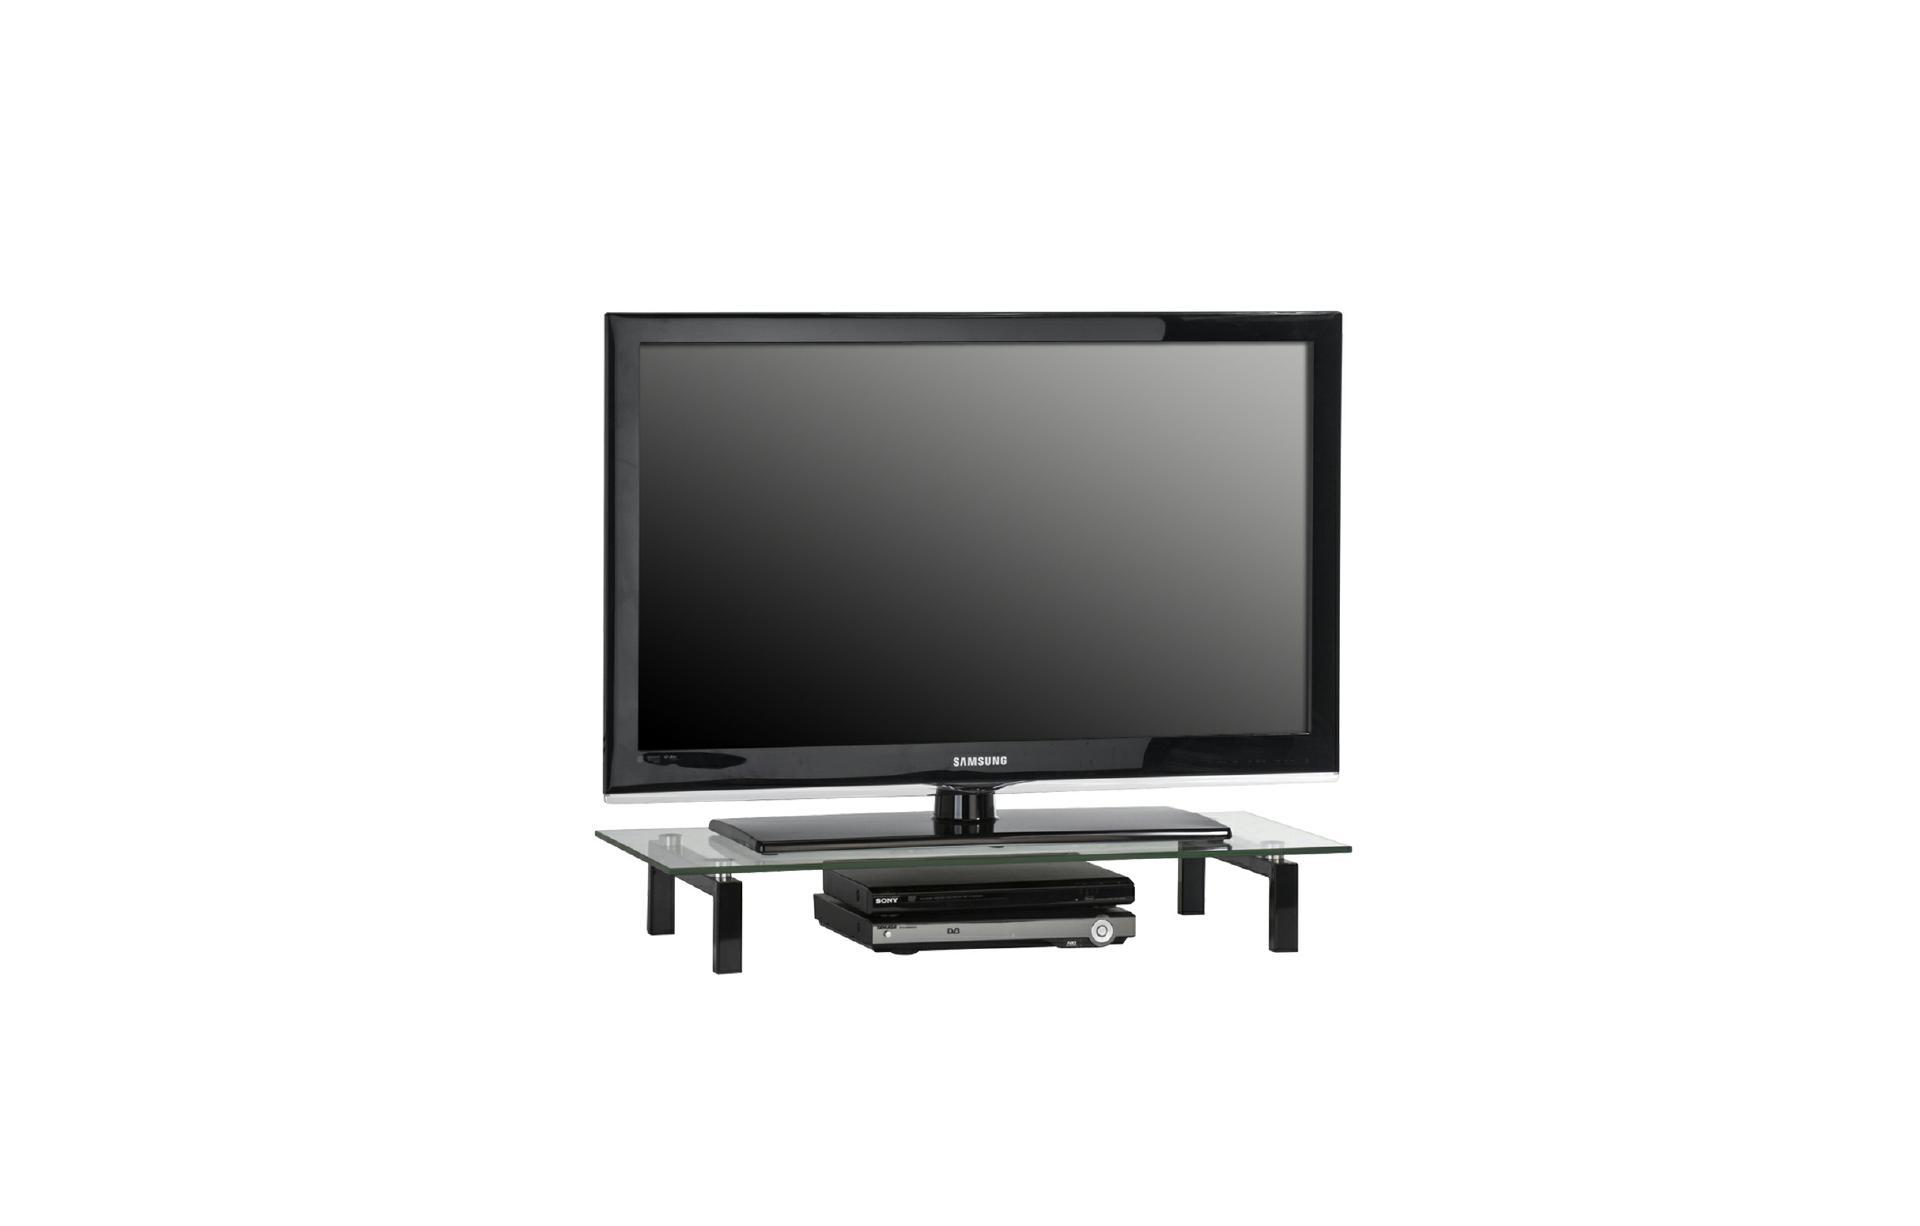 tv glasaufsatz podest ca 80 cm breit media 1603 von maja metall schwarz klarglas. Black Bedroom Furniture Sets. Home Design Ideas